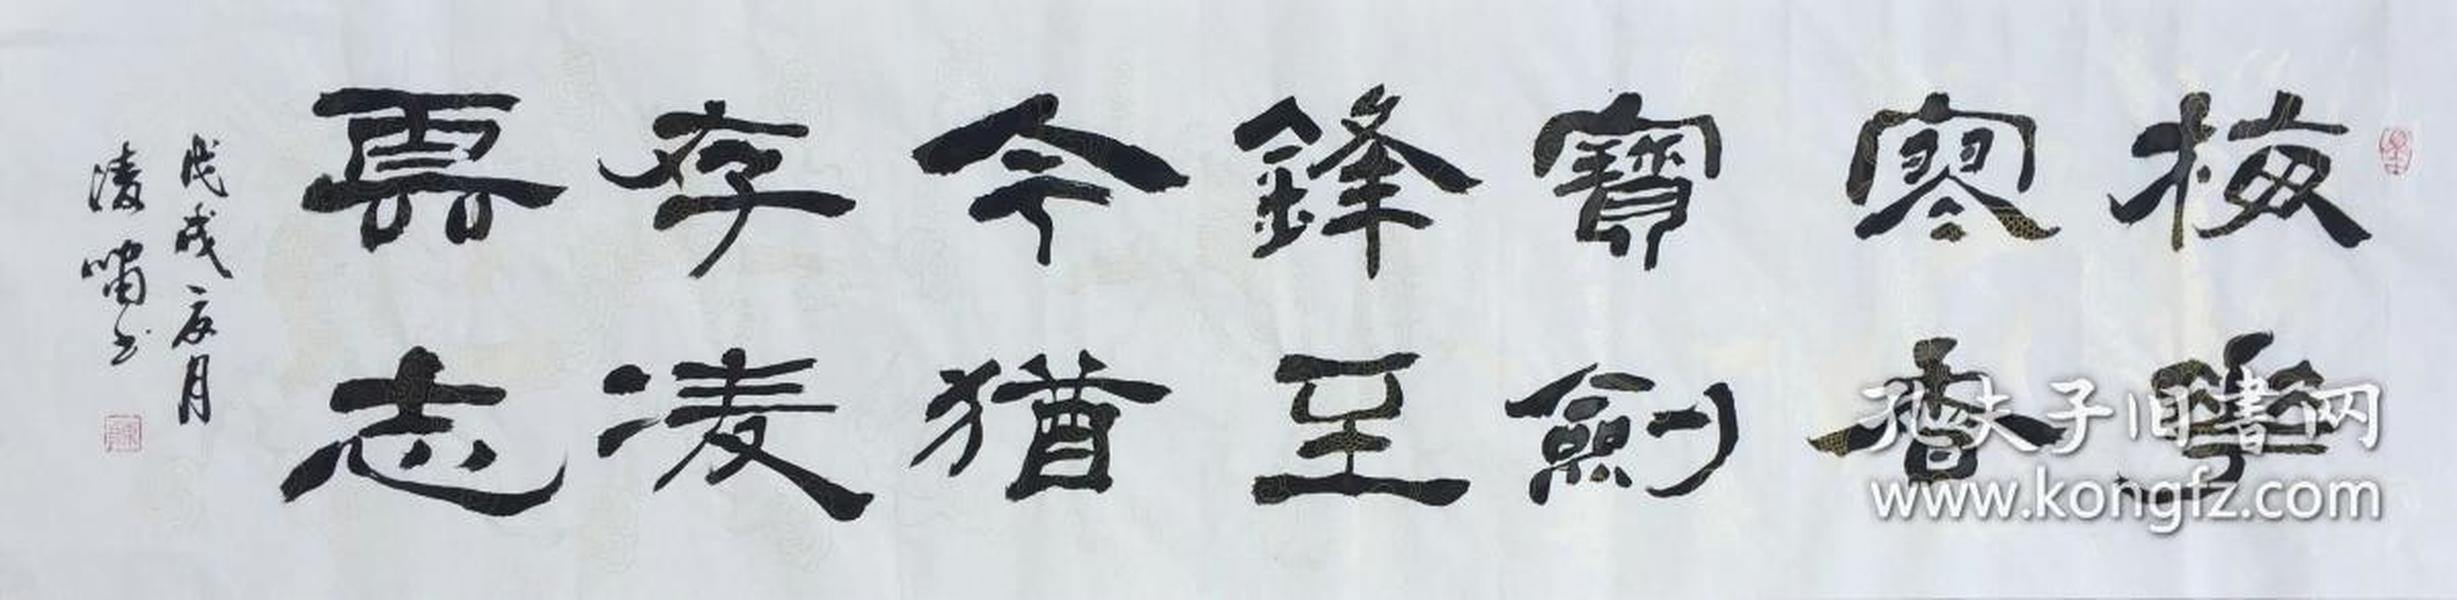 【孔网首发☆低价惠友】L-6河南书法名家凌啸先生精品书法作品1件(保真)